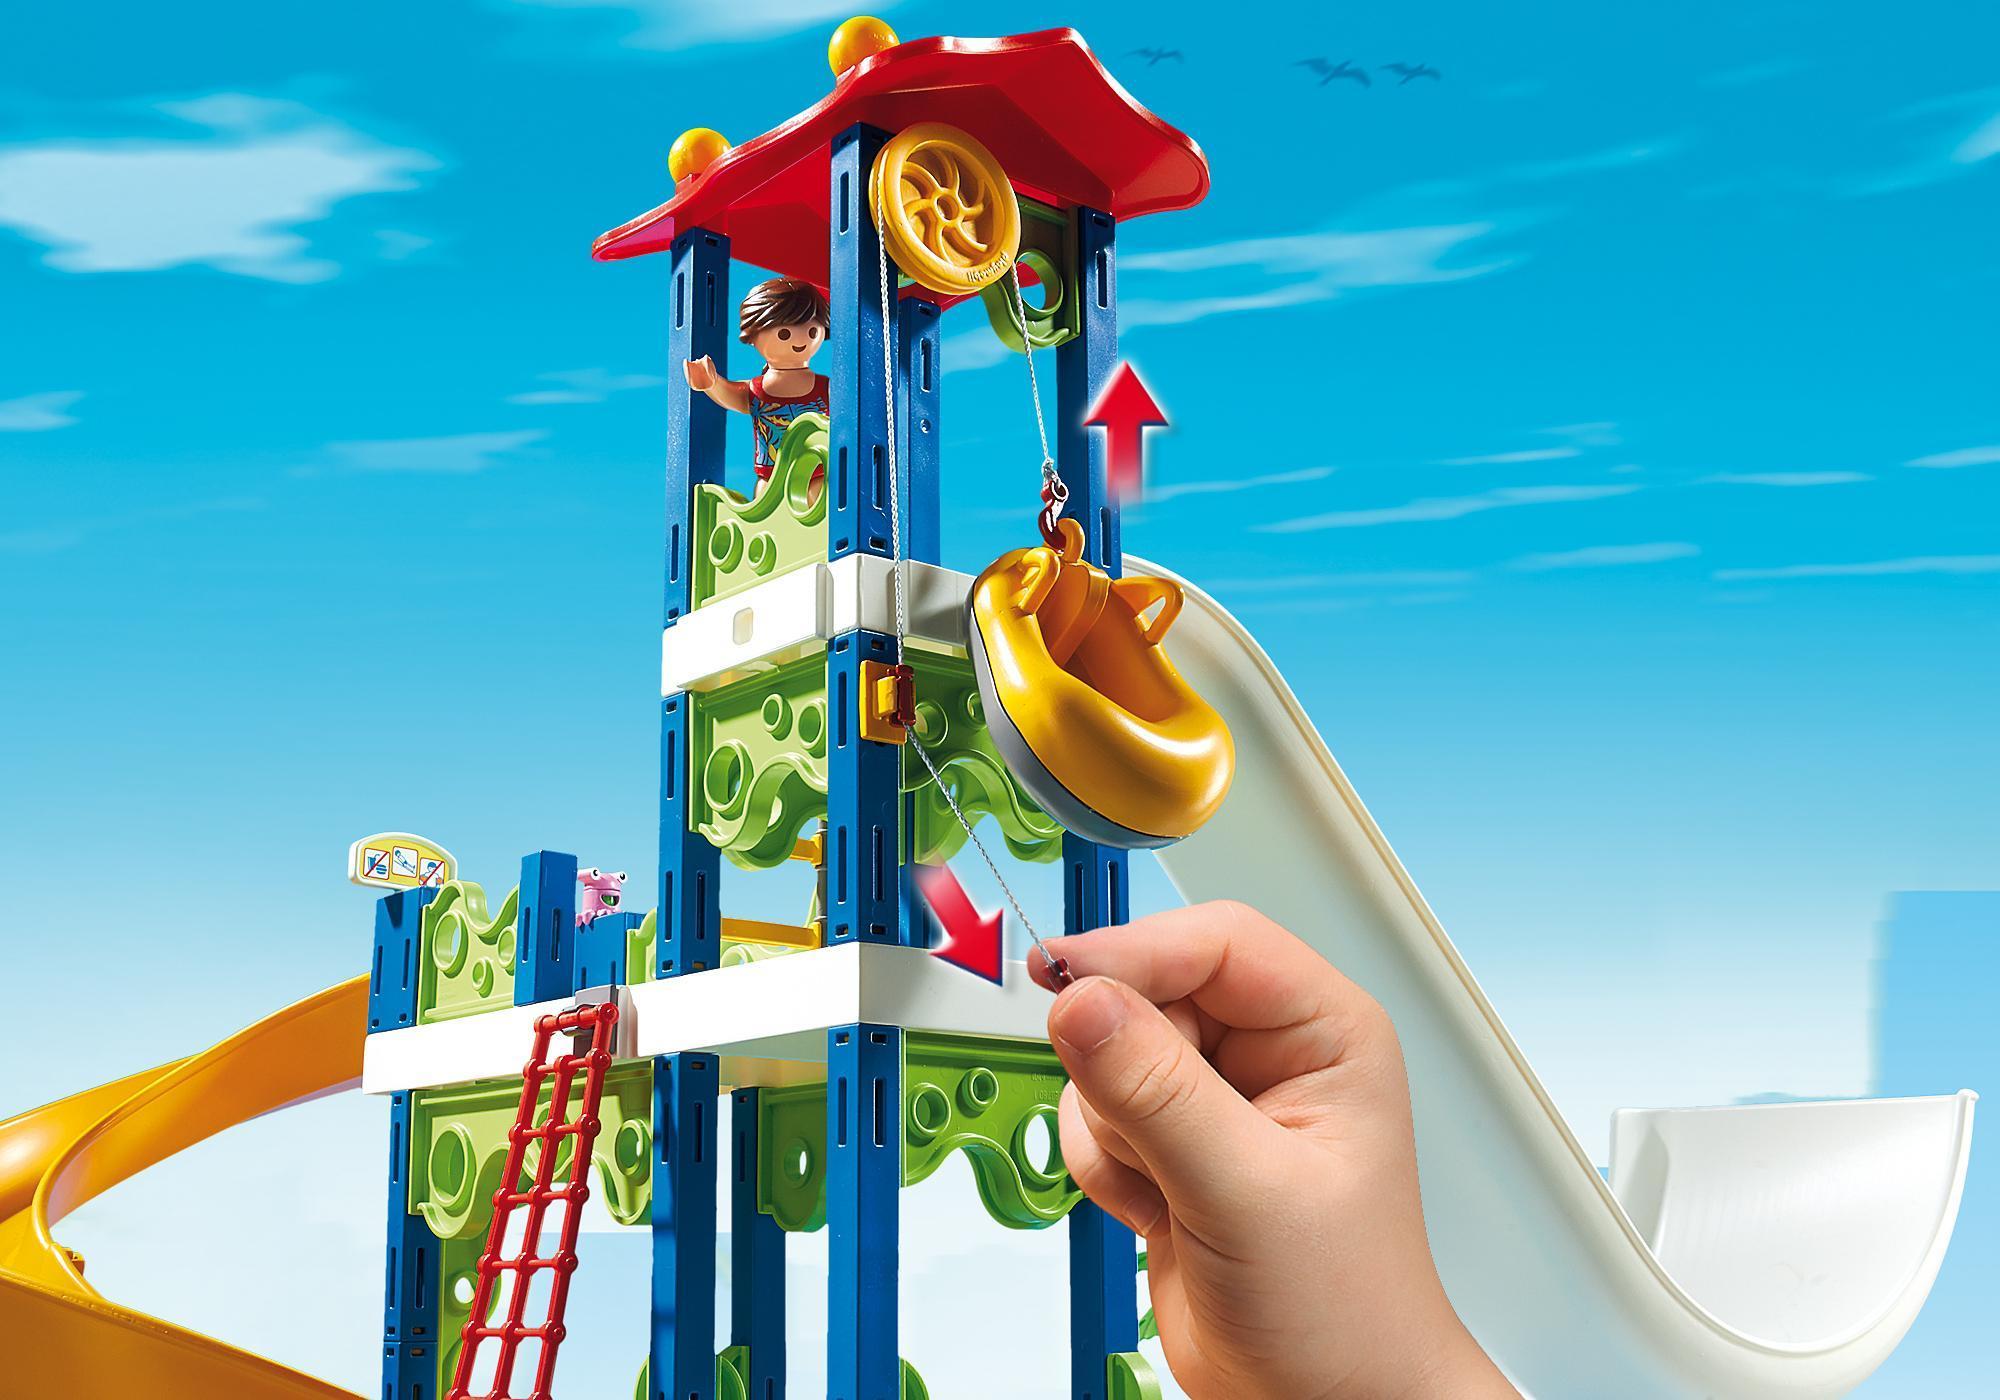 http://media.playmobil.com/i/playmobil/6669_product_extra1/Parque Acuático con Toboganes